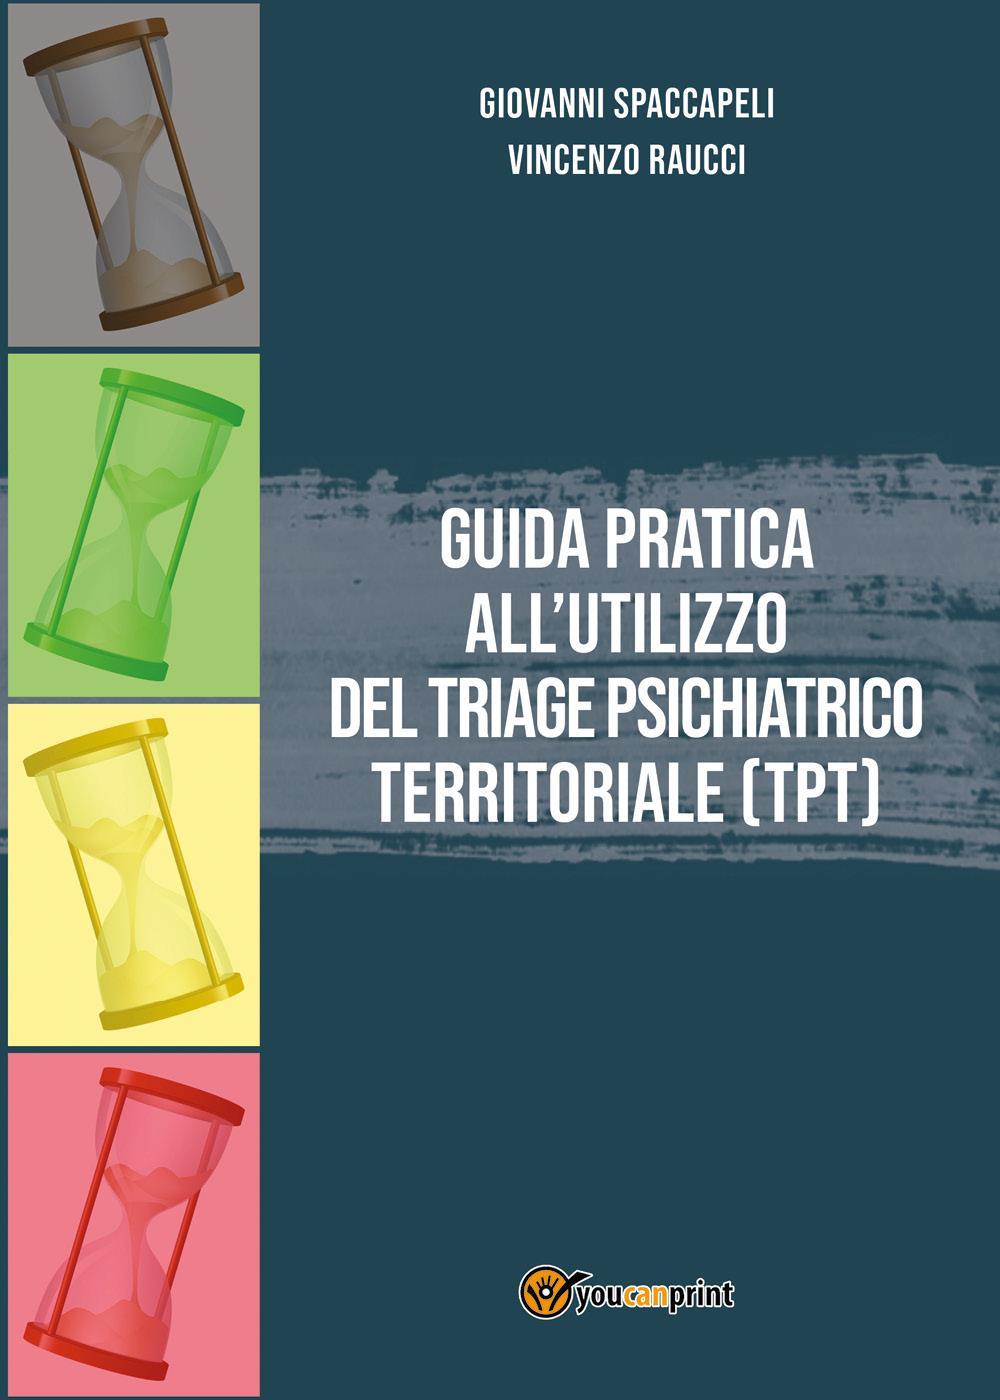 Guida pratica all'utilizzo del Triage Psichiatrico Territoriale (TPT)